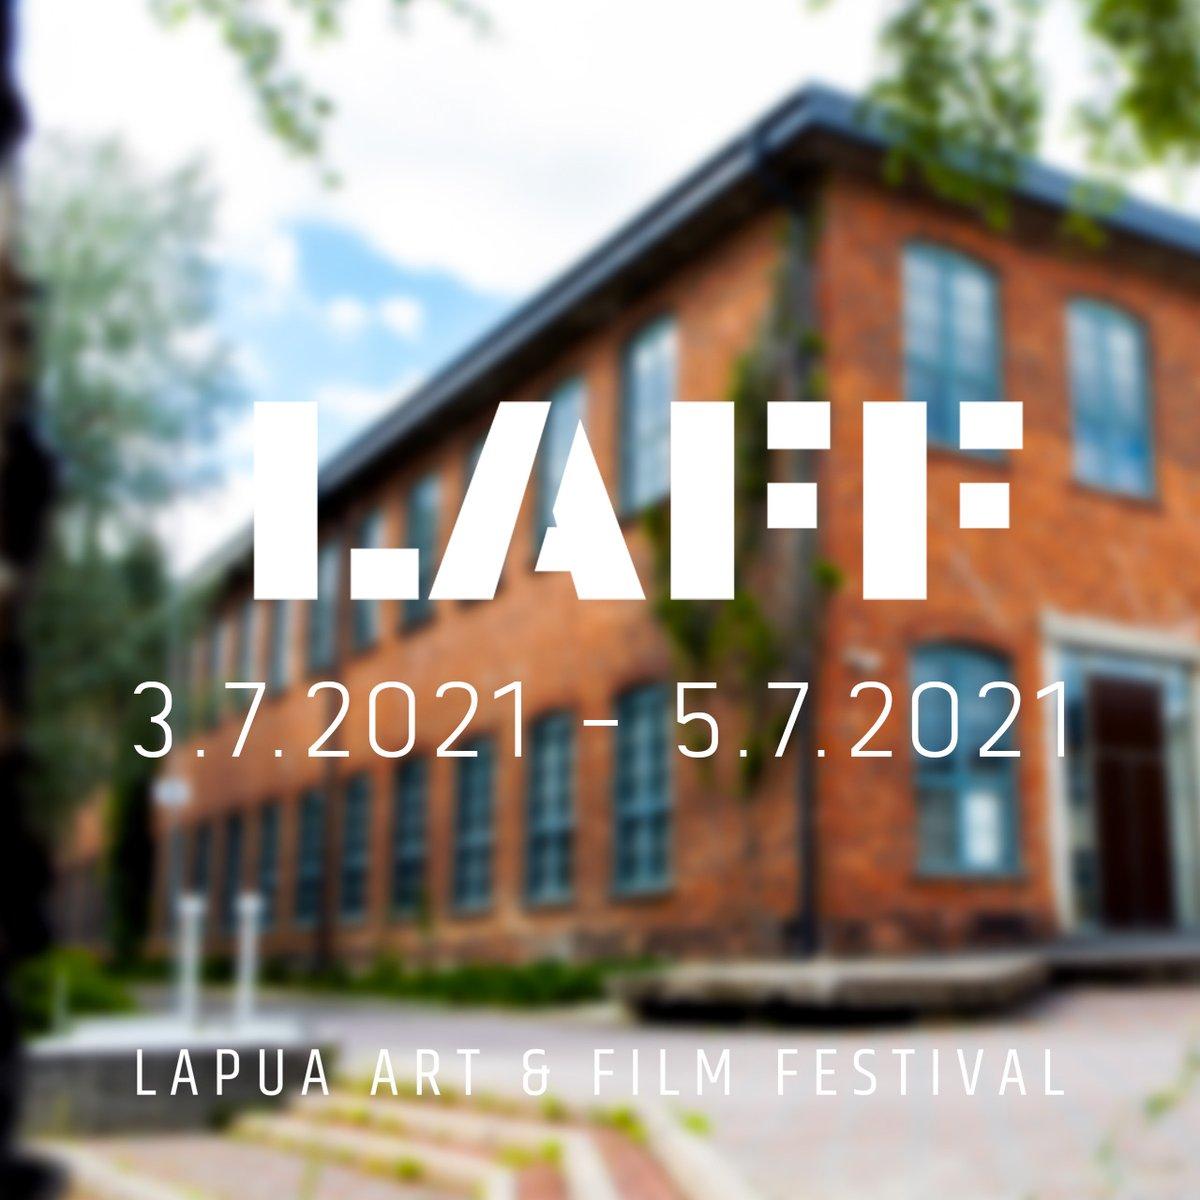 LapuaArtFilm photo